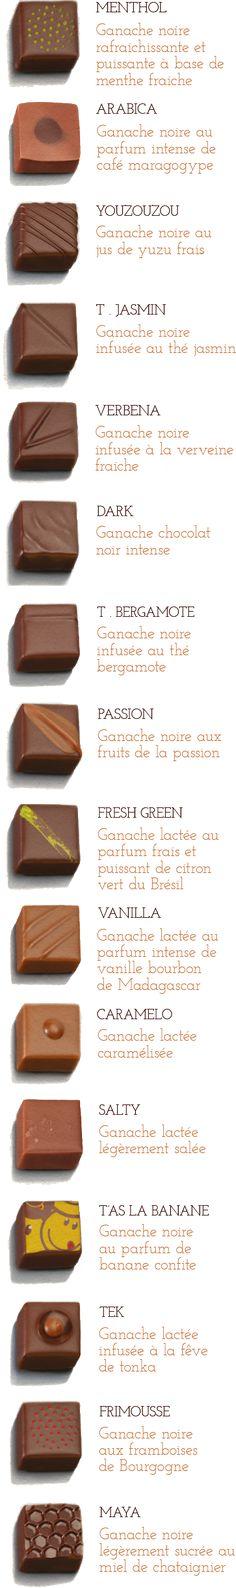 Les gourmandises : découvrez nos bonbons de chocolats. Choisissez parmi nos ganaches, pralinés, truffes, fruits confits, tablettes...